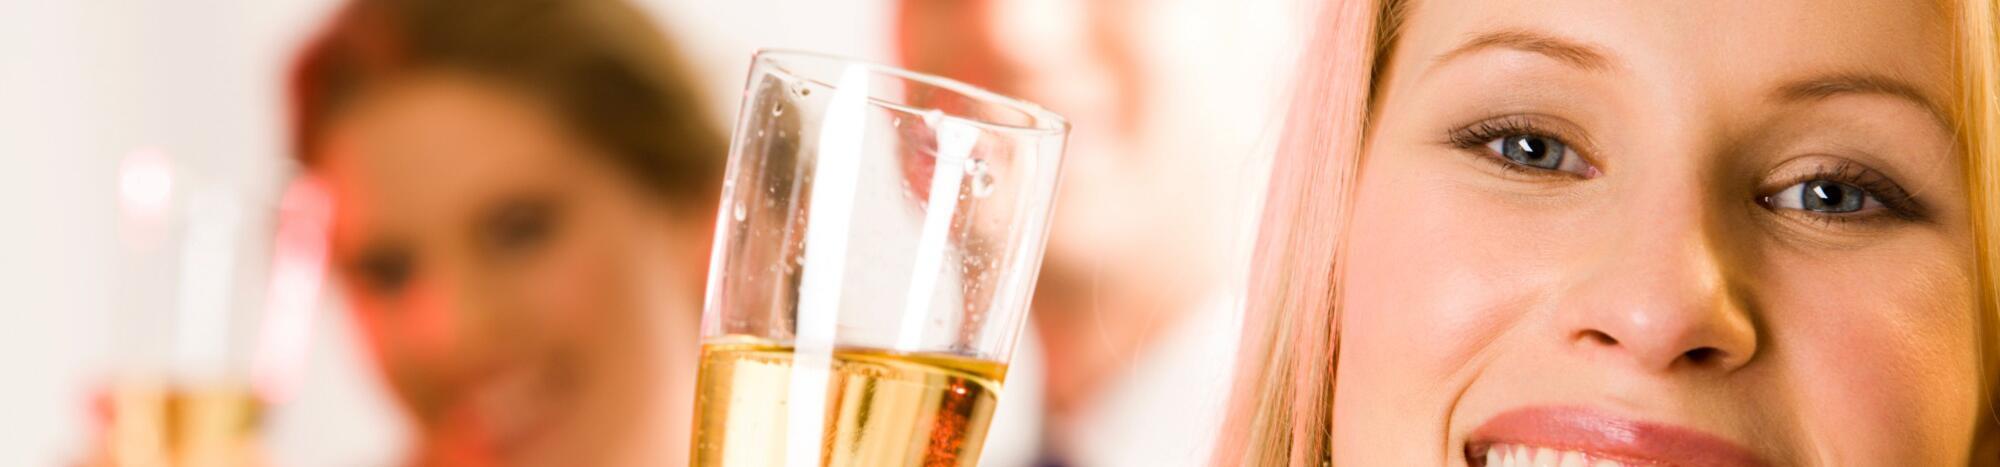 Offre Nouvel An Rimini à l'hôtel All Inclusive avec dîner et réveillon de la Saint-Sylvestre